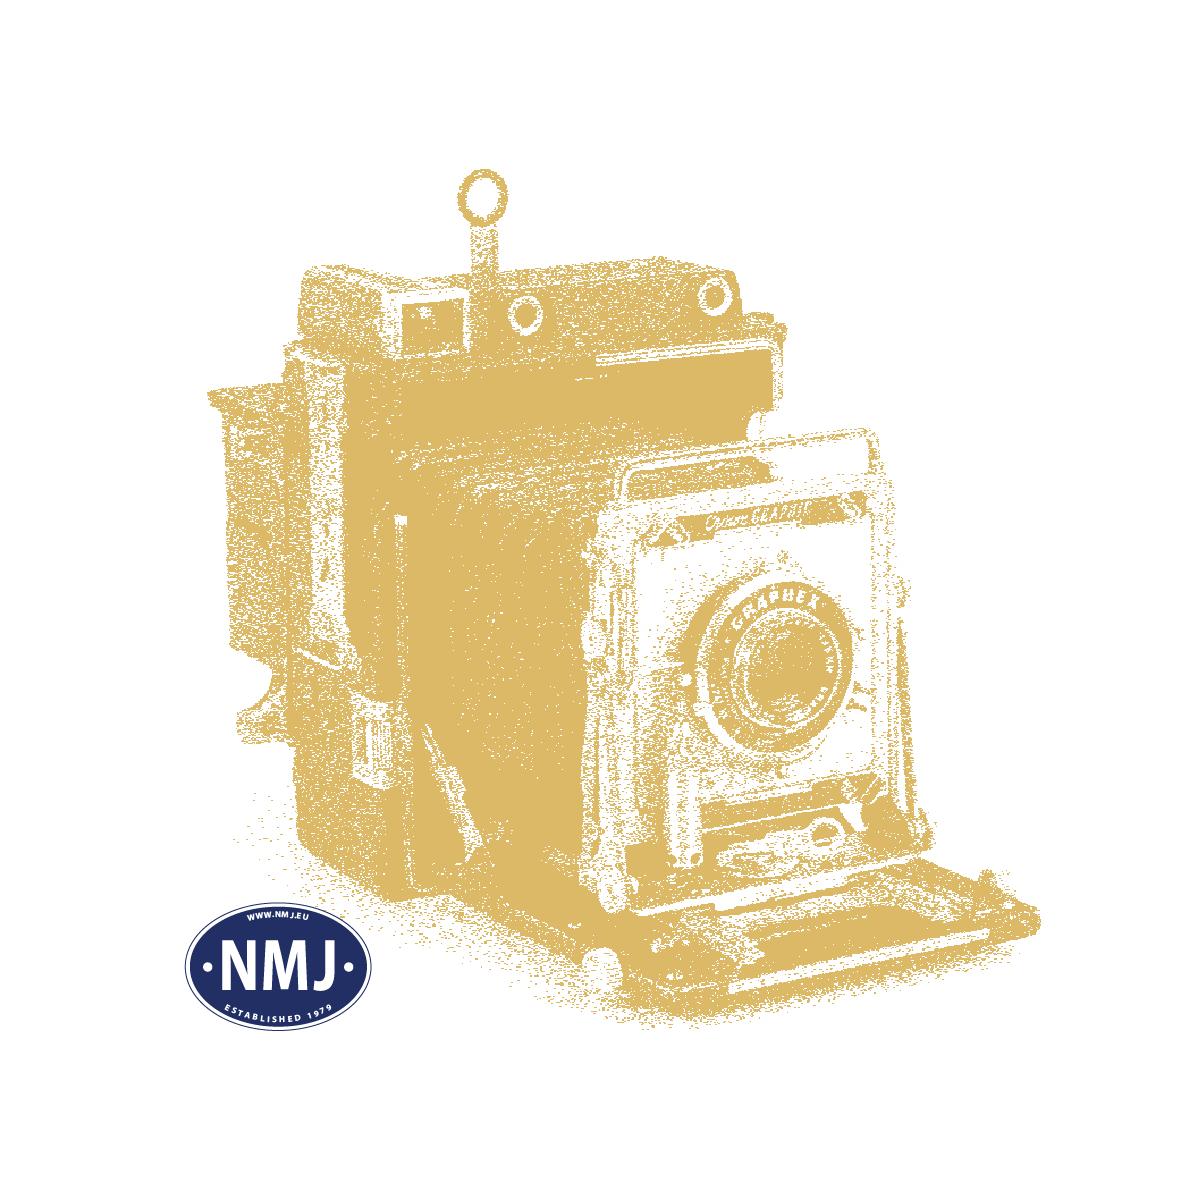 NMJH15123 - NMJ Skyline Norsk Enebolig med underetasje, Grå/Hvit, Ferdigmodell